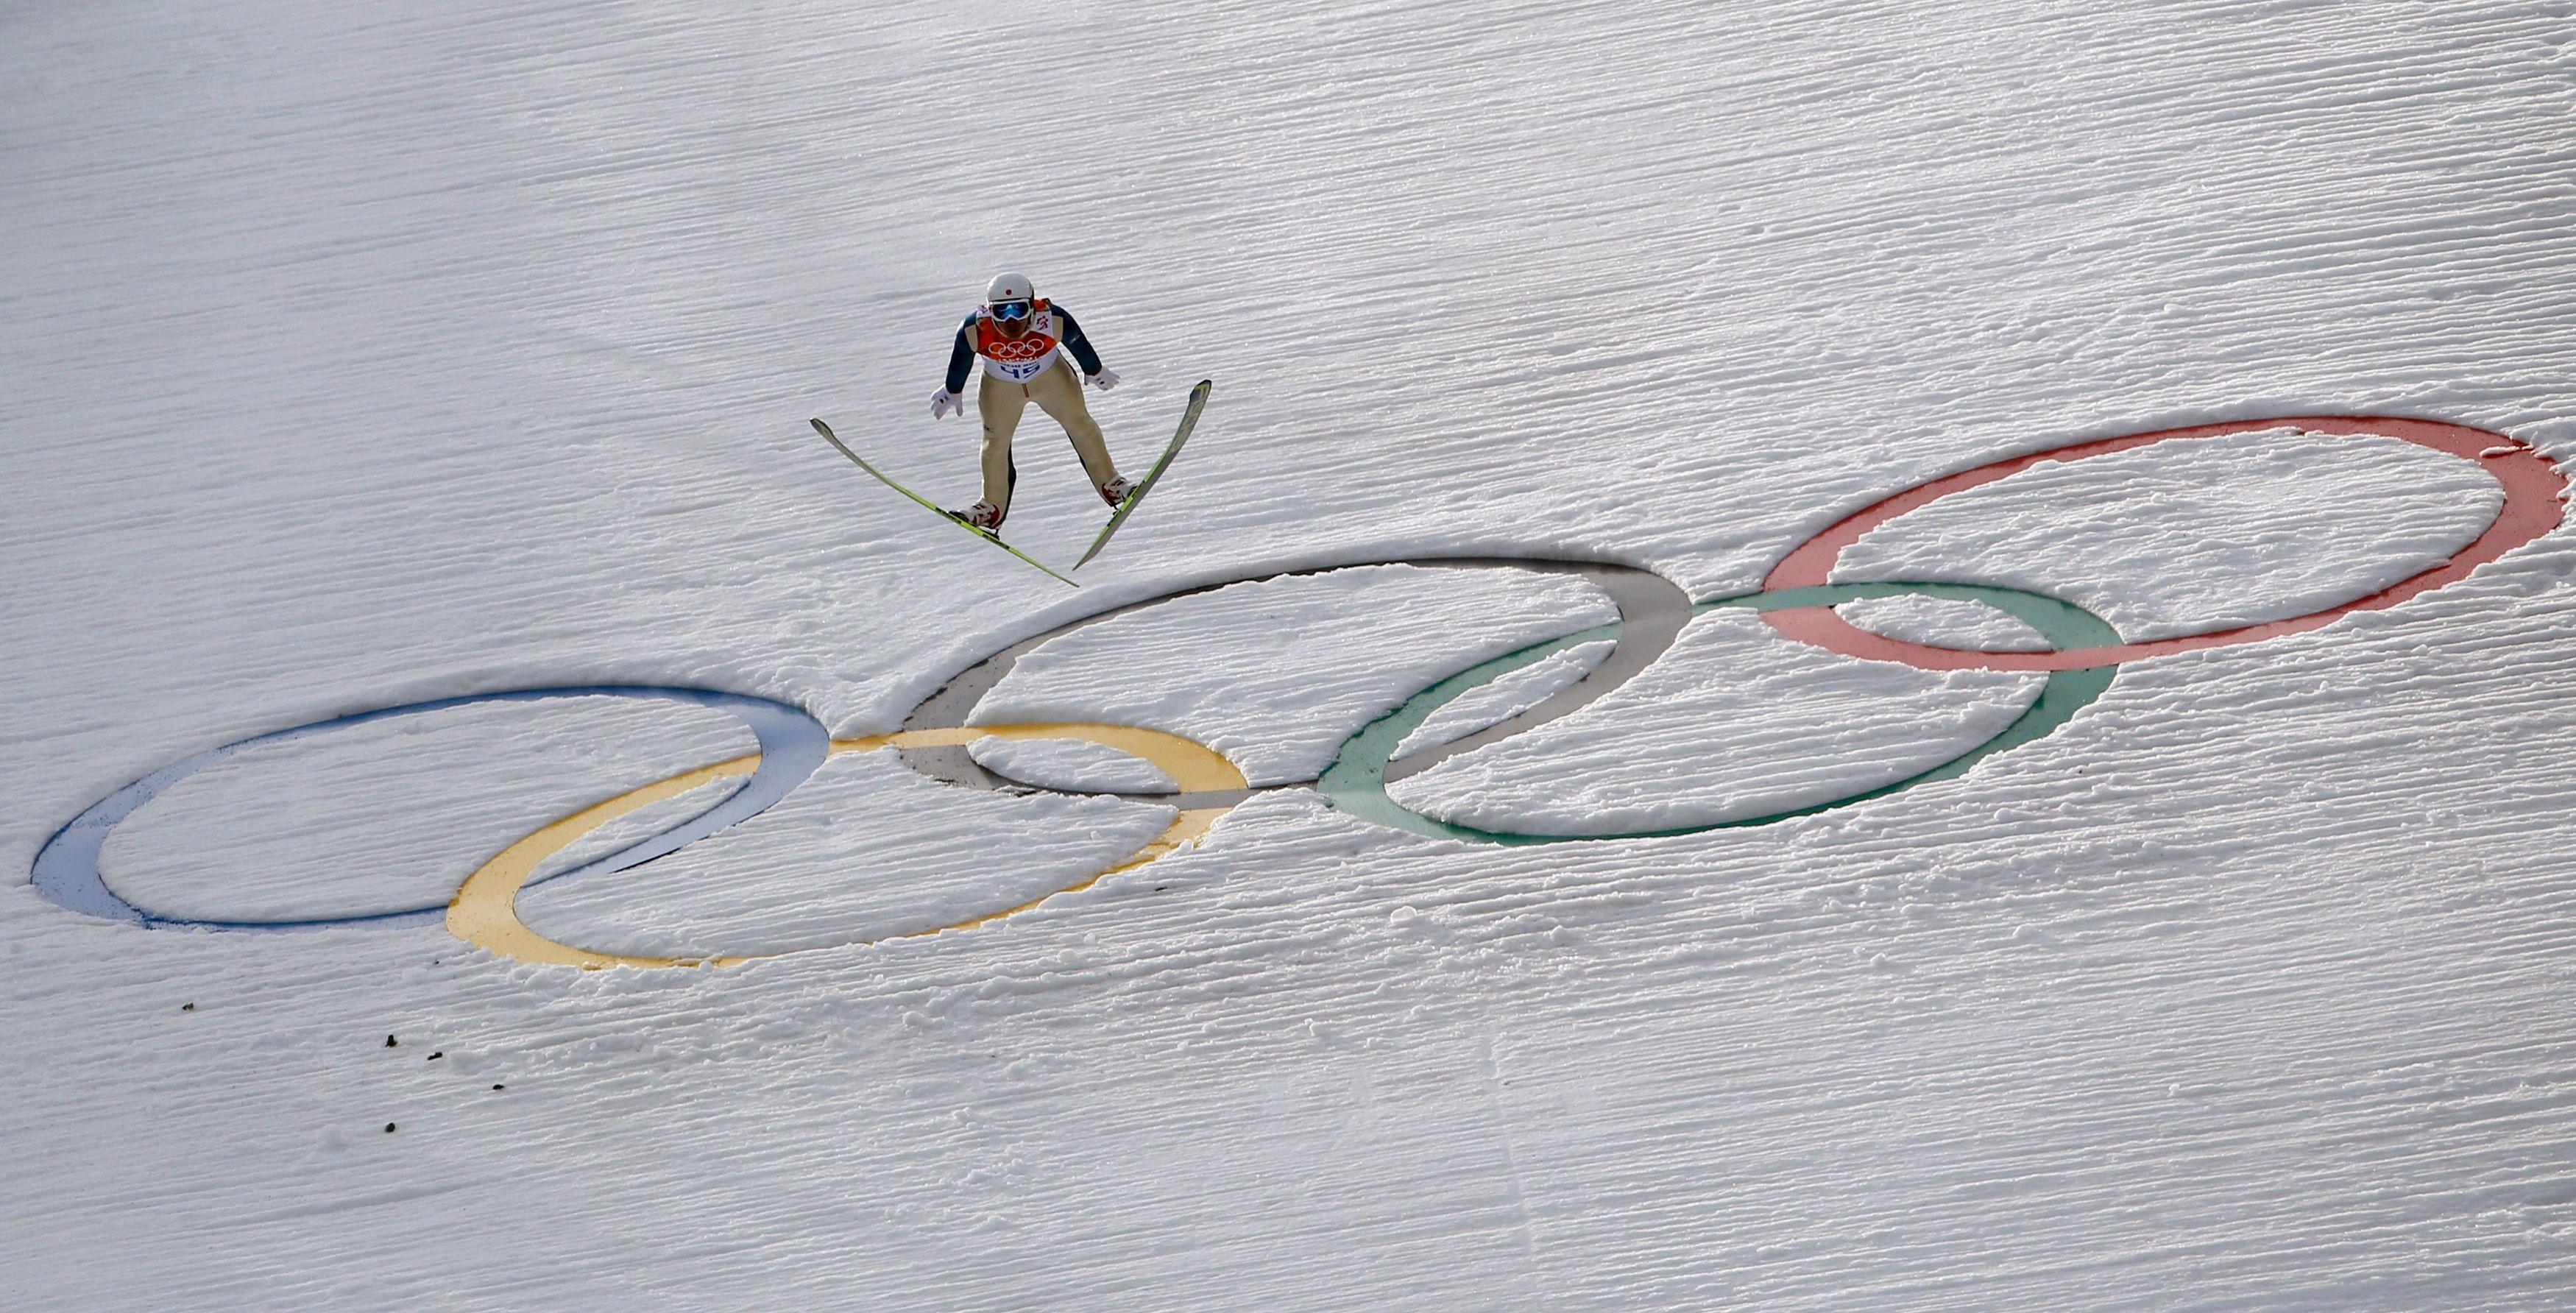 Jeux Olympiques de Sotchi :  savez-vous pourquoi les athlètes mettent leur skis en V dans les épreuves de saut ?